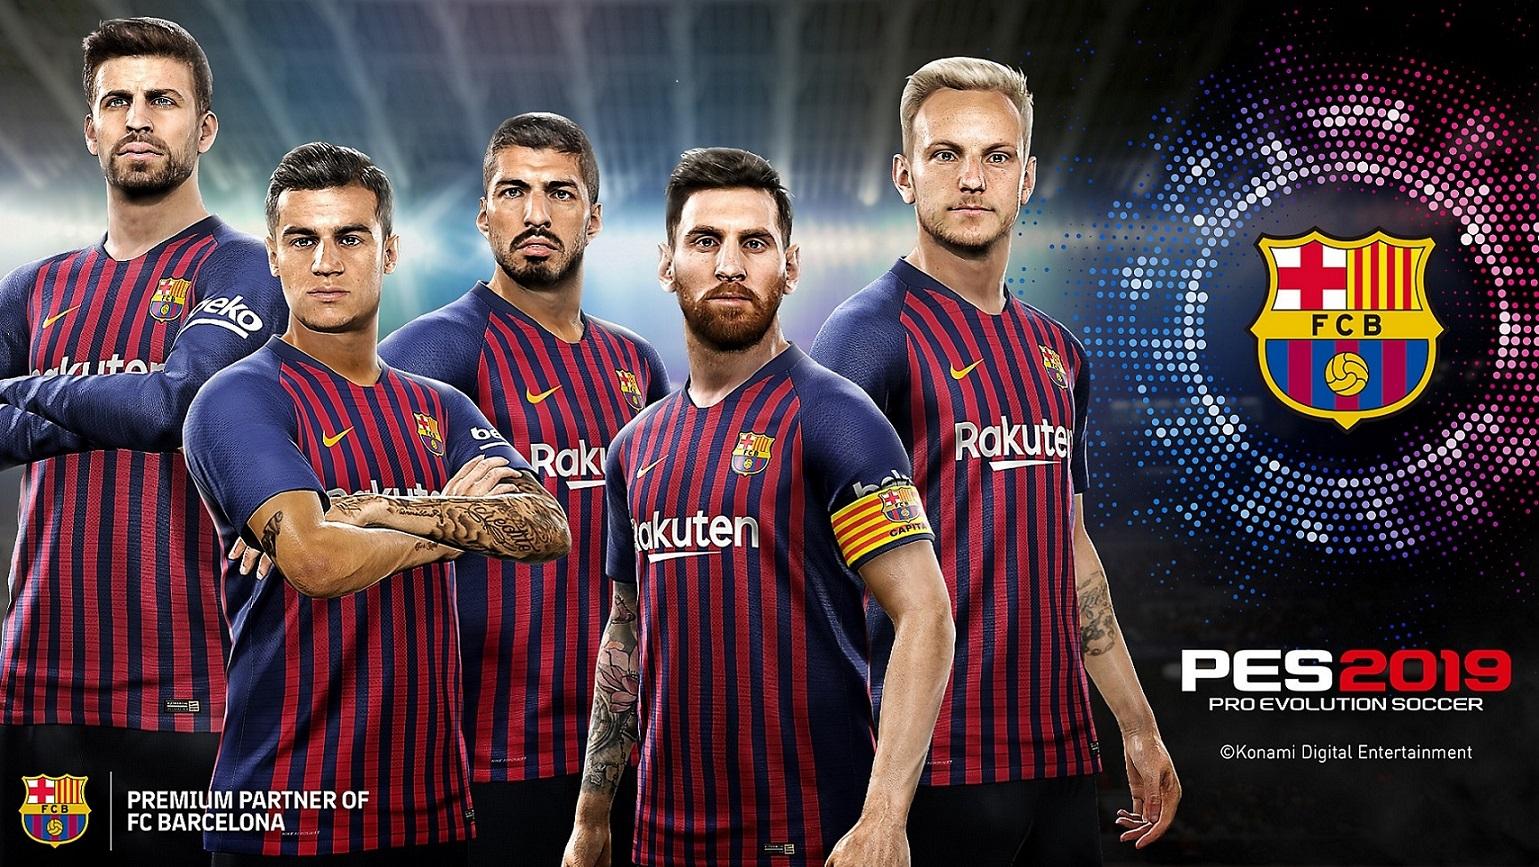 PS4 Pro Evolution Soccer 2019 Pes 2019